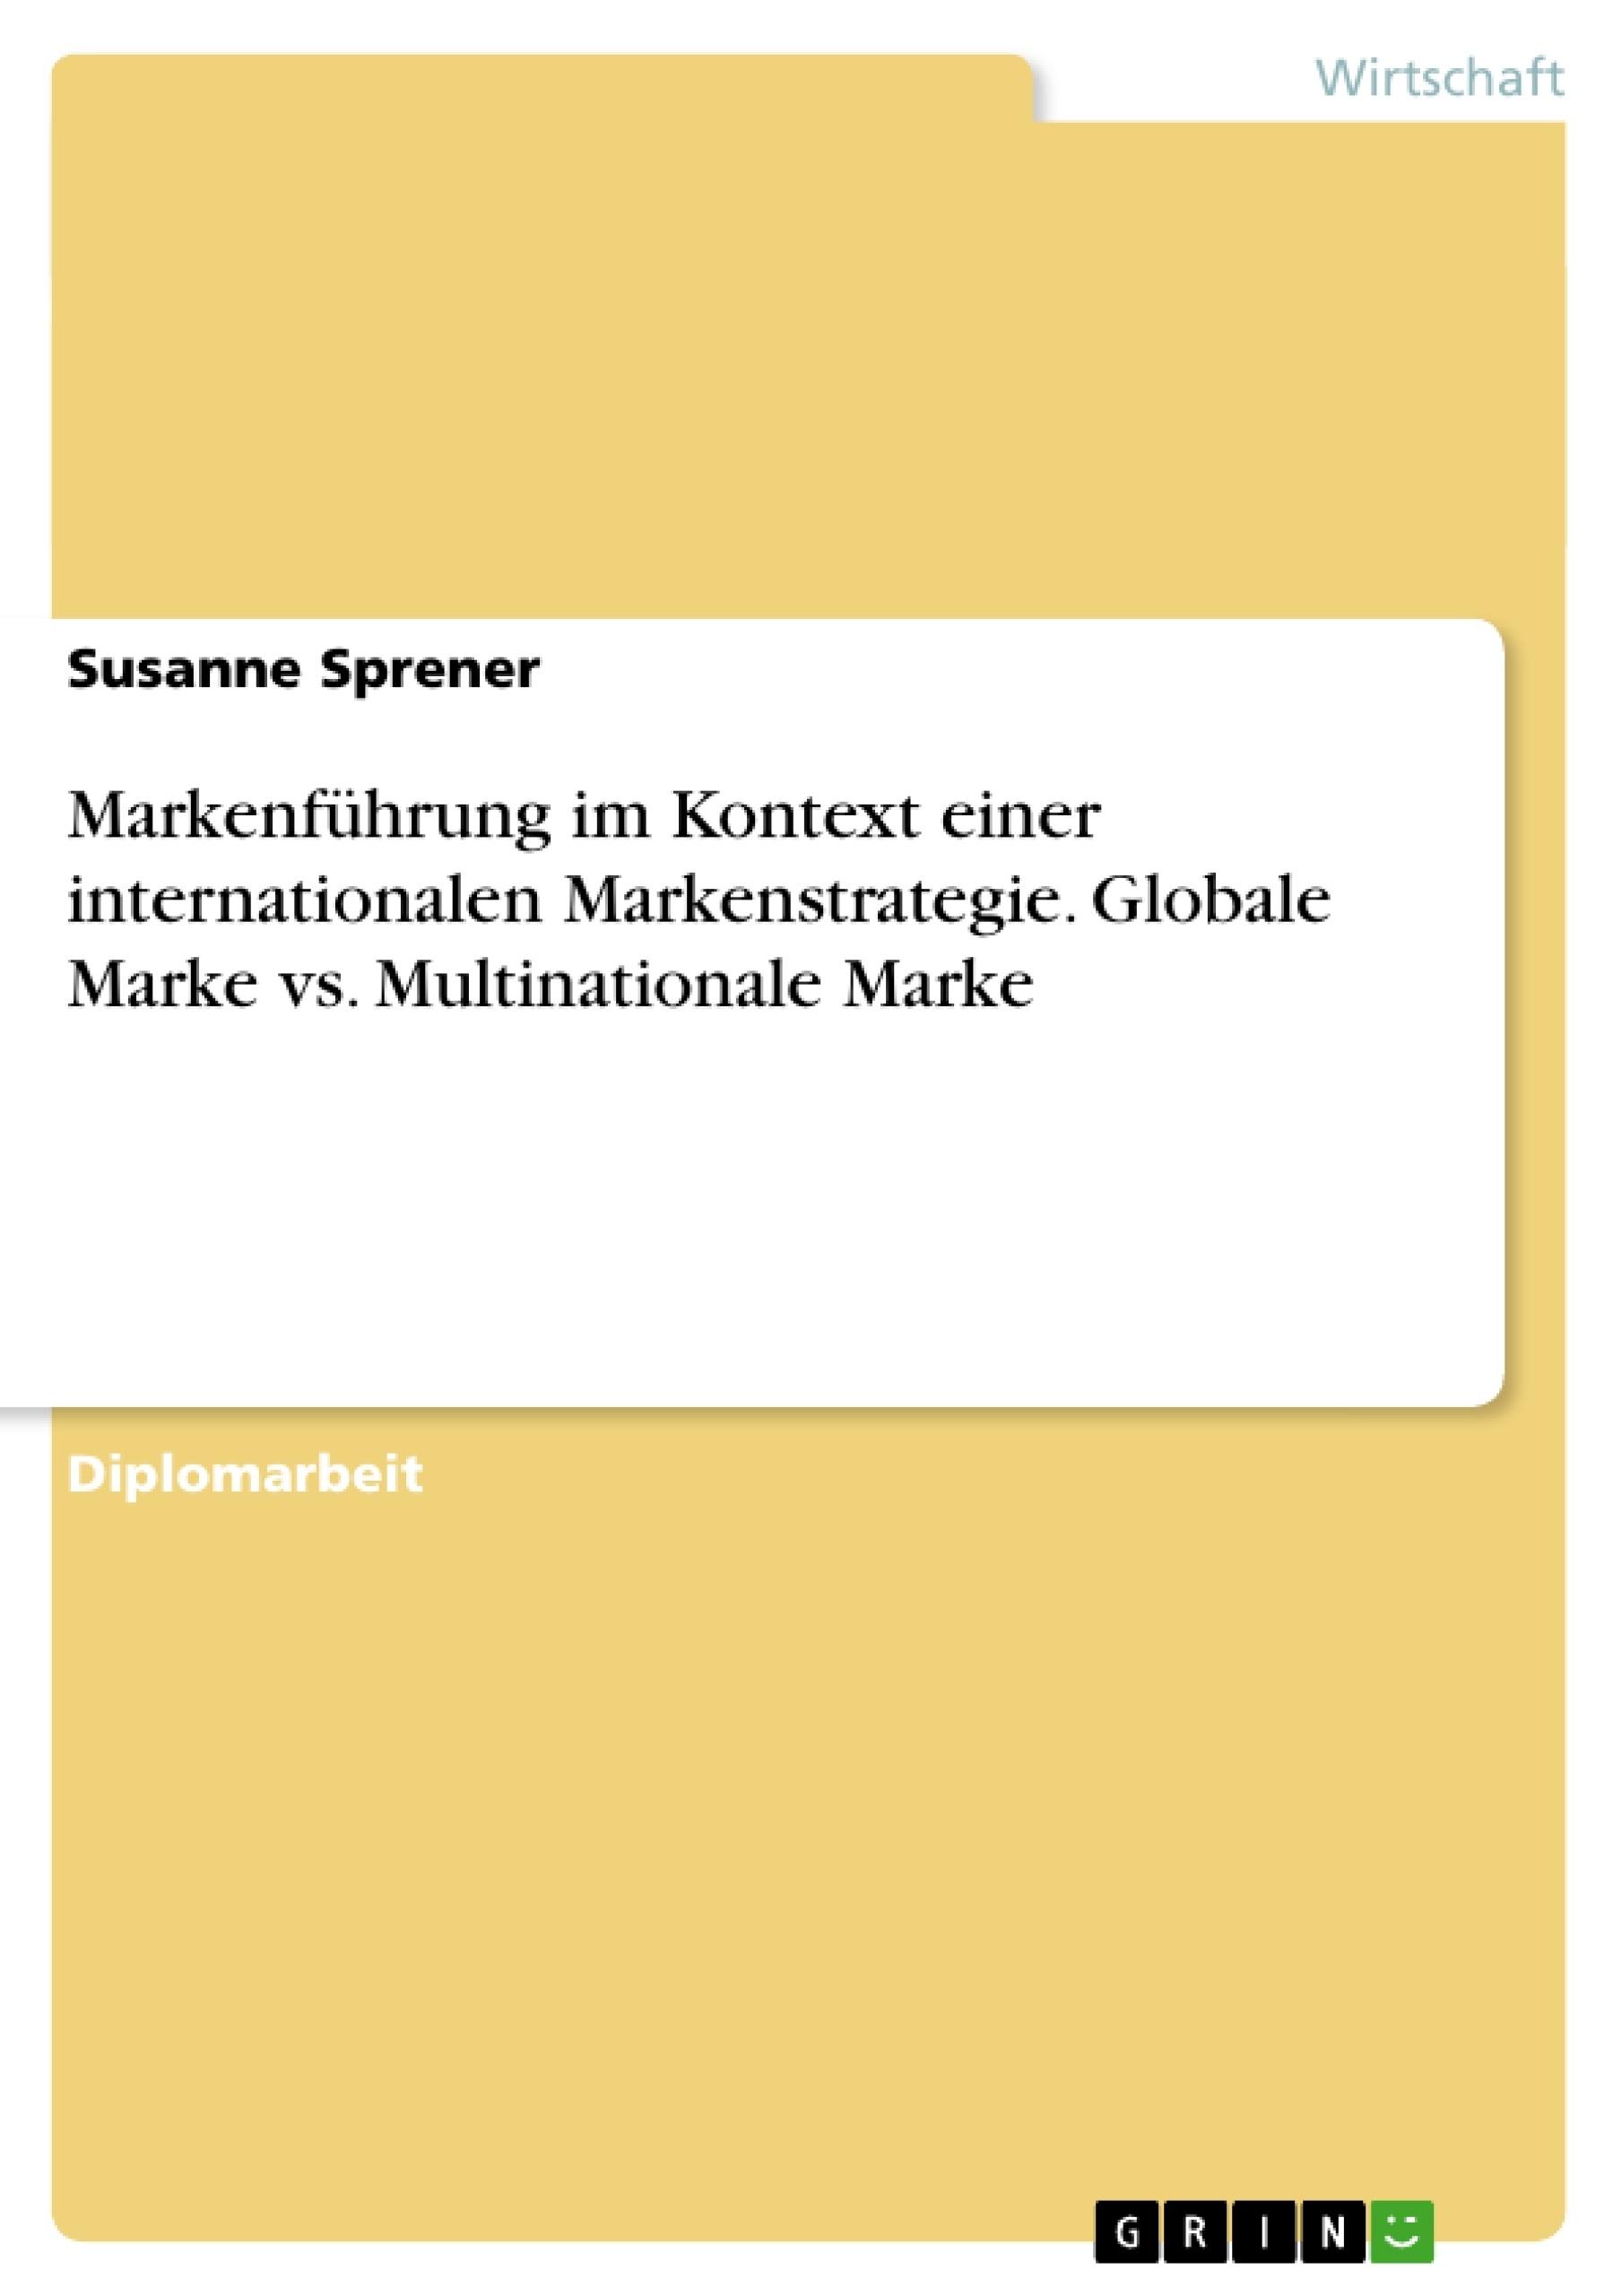 Titel: Markenführung im Kontext einer internationalen Markenstrategie. Globale Marke vs. Multinationale Marke